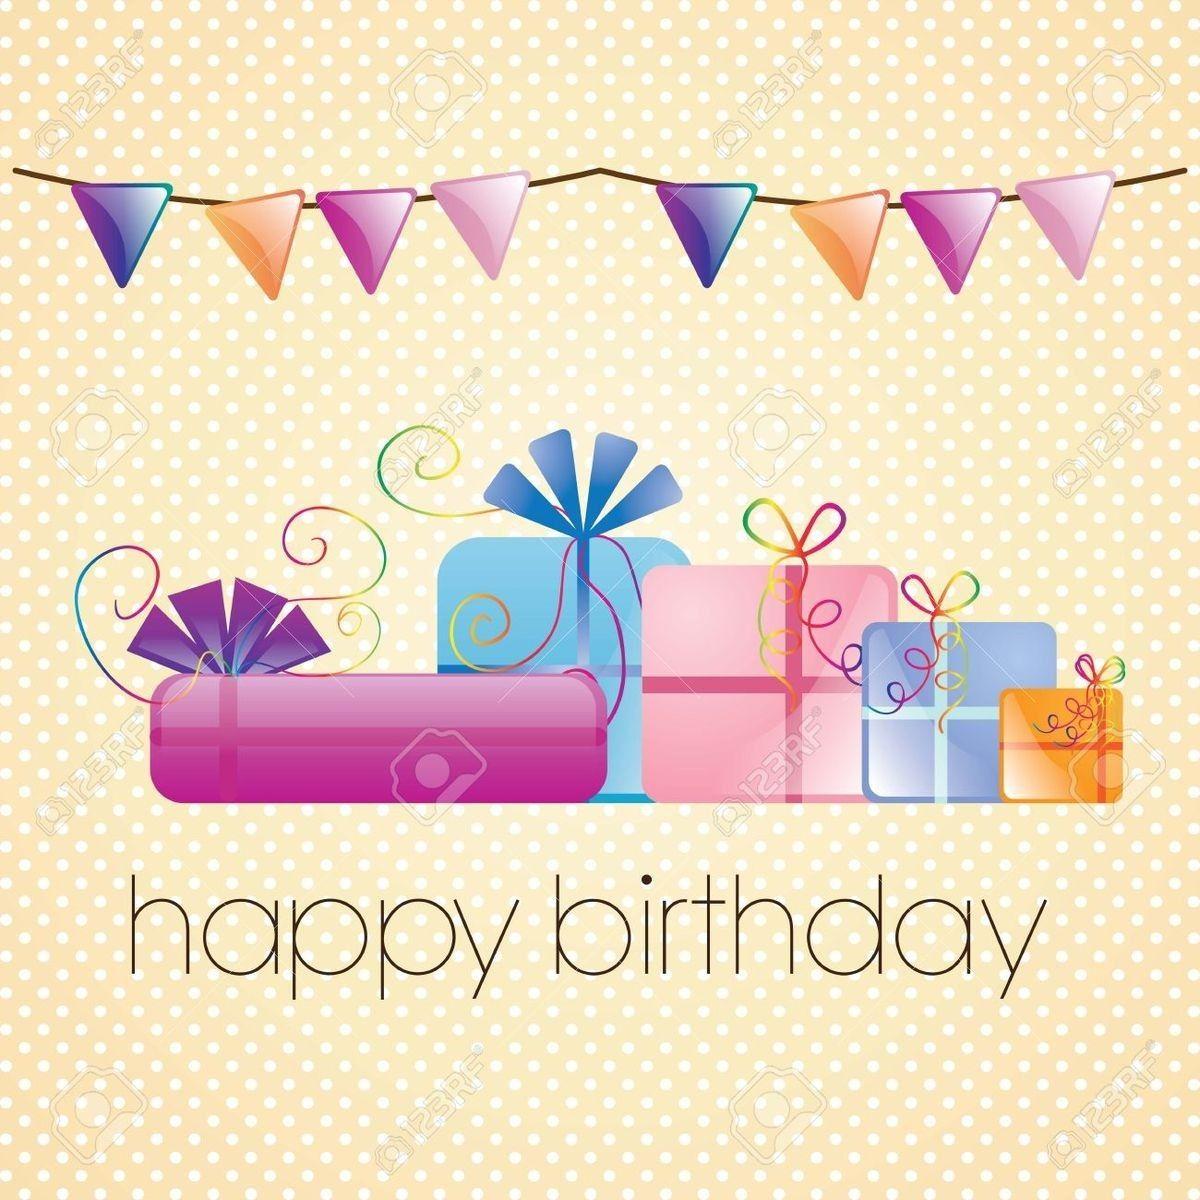 Pin Von Wilma Auf Wish For You Birthday 2 Geburtstagsgrusse